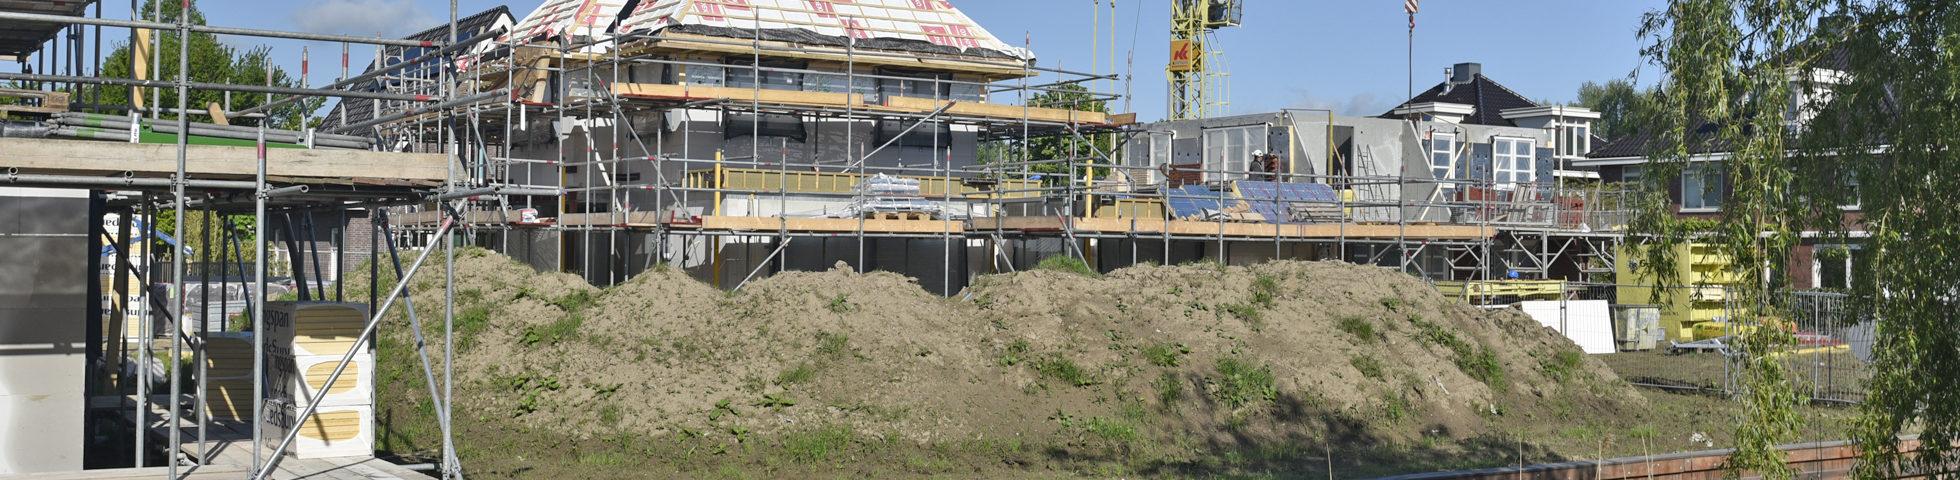 Hoe neem ik duurzaamheid op een juiste wijze op in mijn aanvraag bouwvergunning?